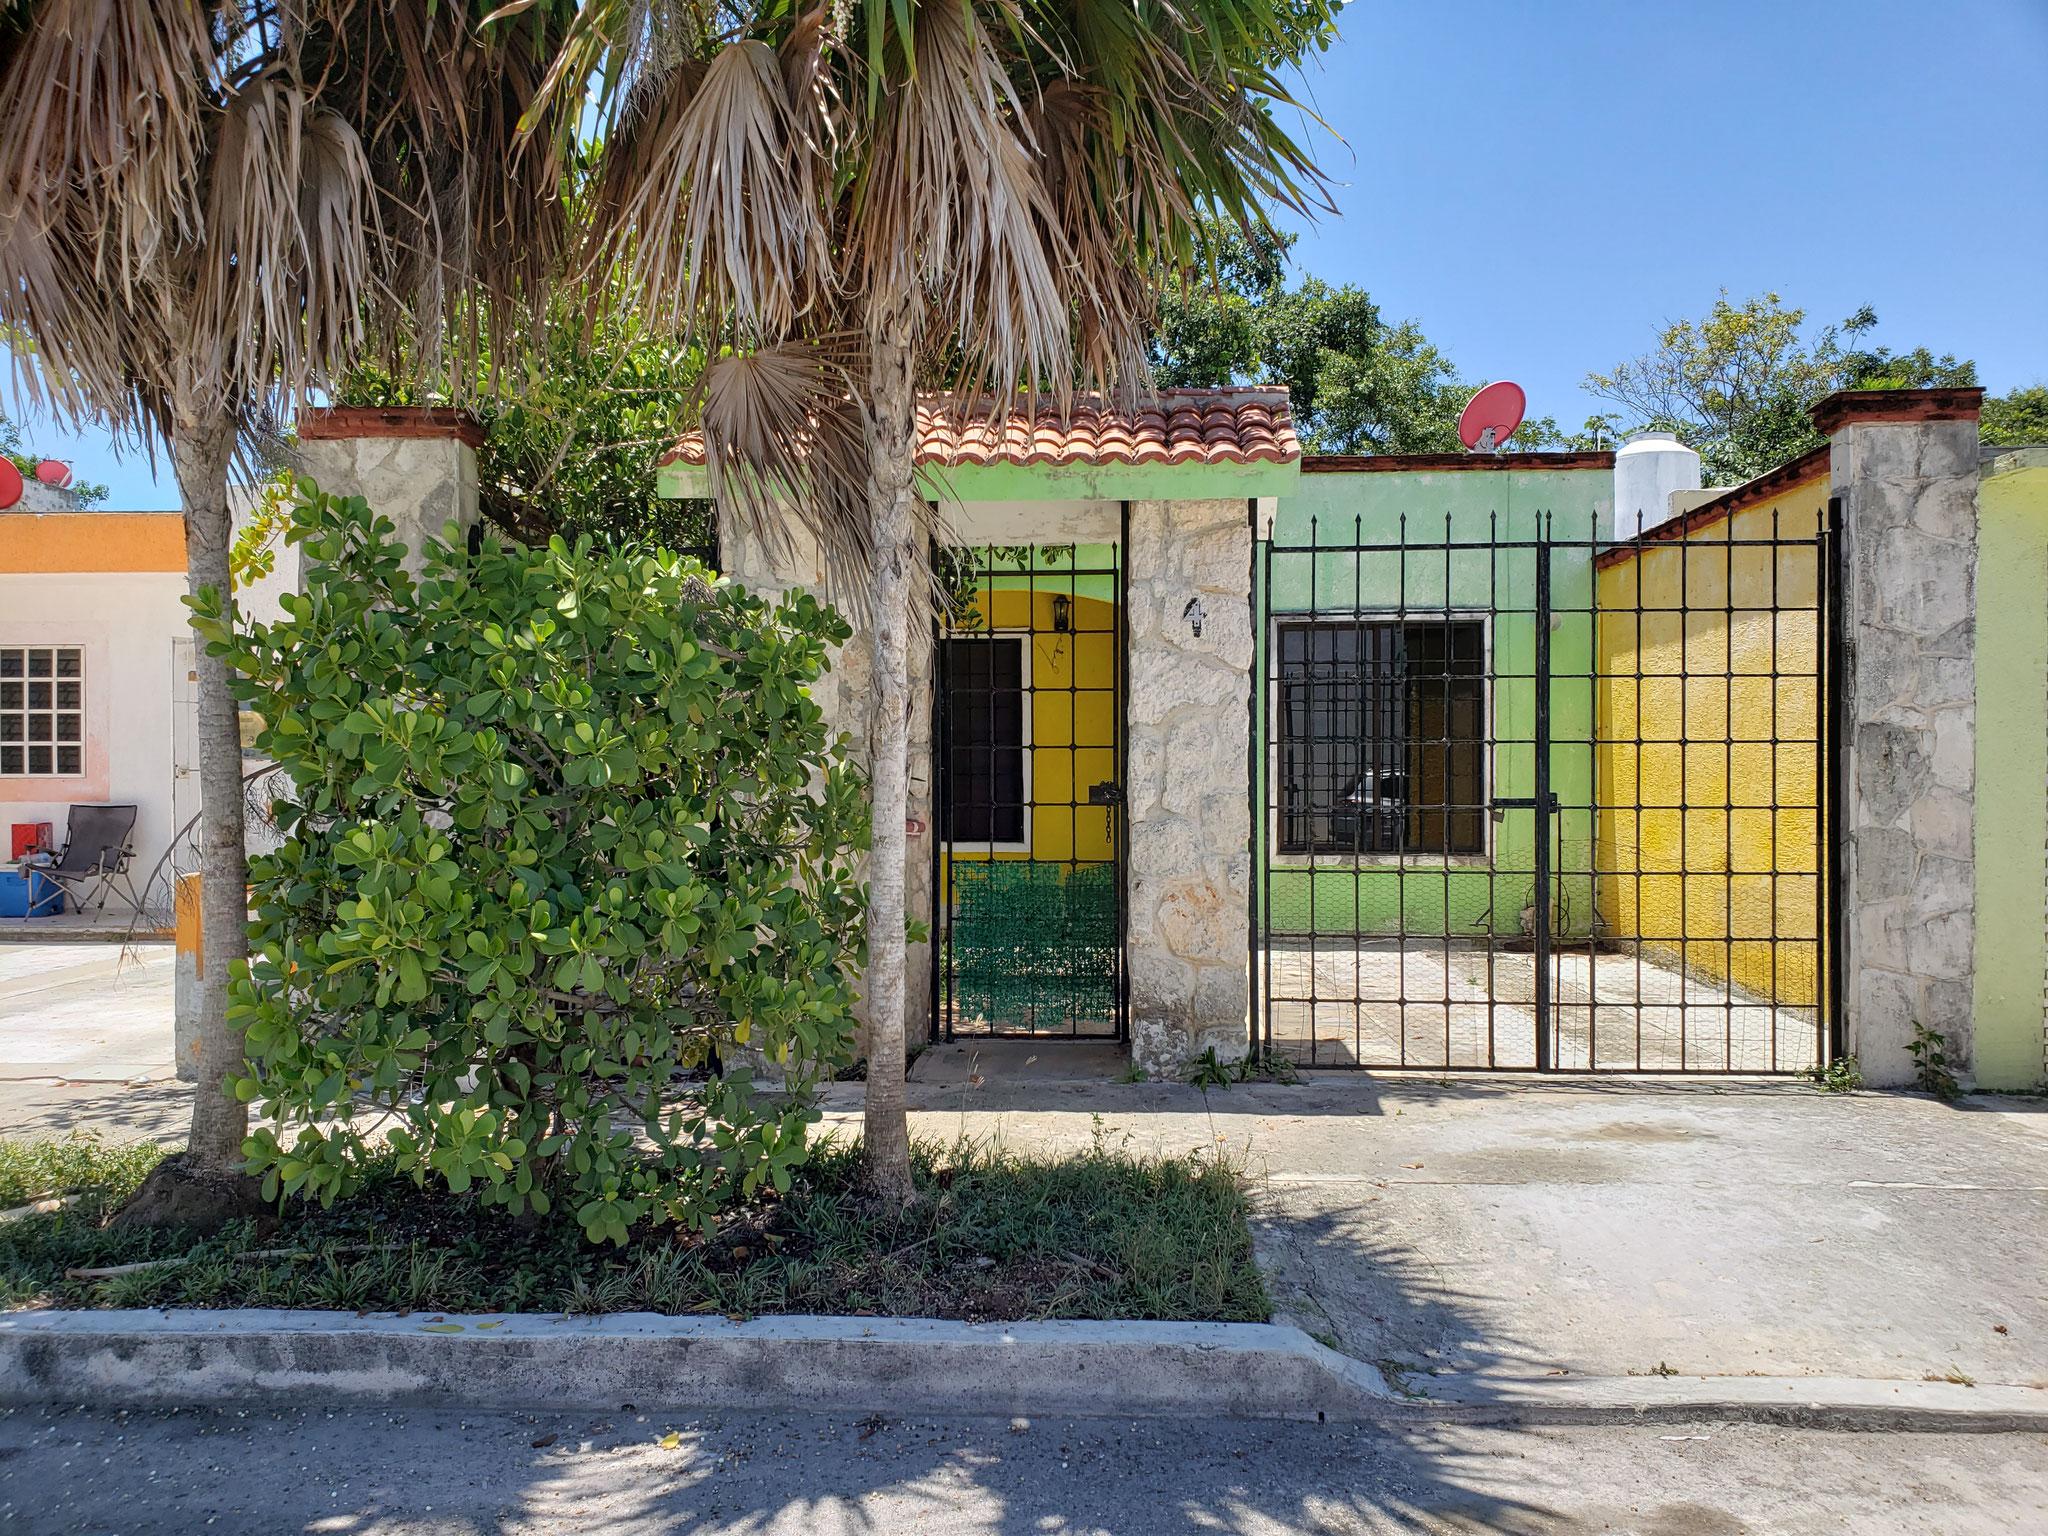 Casa en Santa Fe, SM 524, Cancún, Q.R.